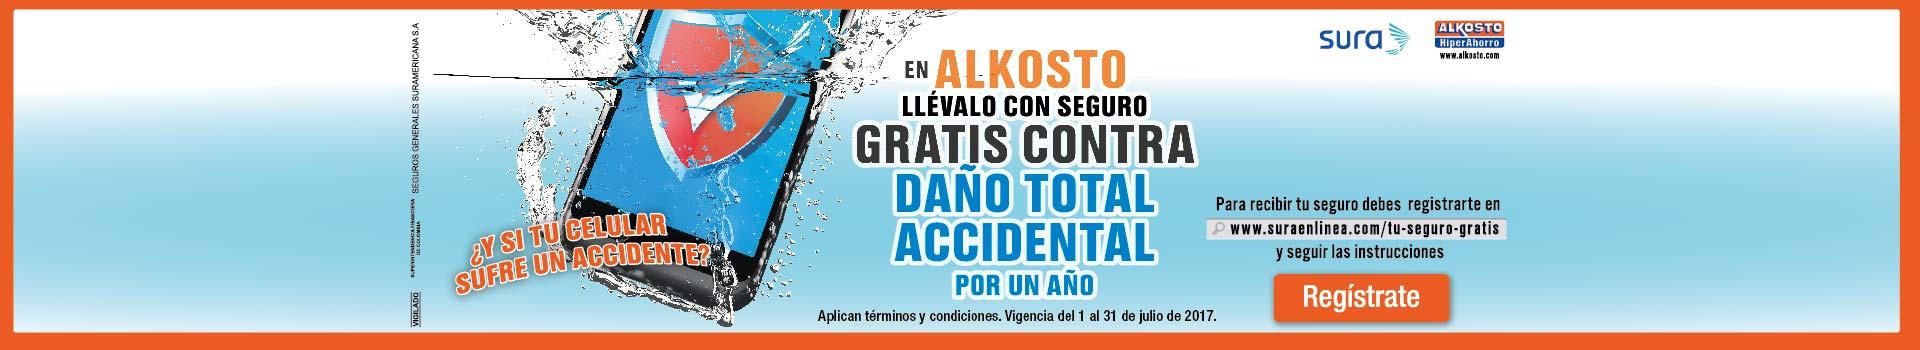 CAT AK  - Activa tu Seguro Gratis - Jul5